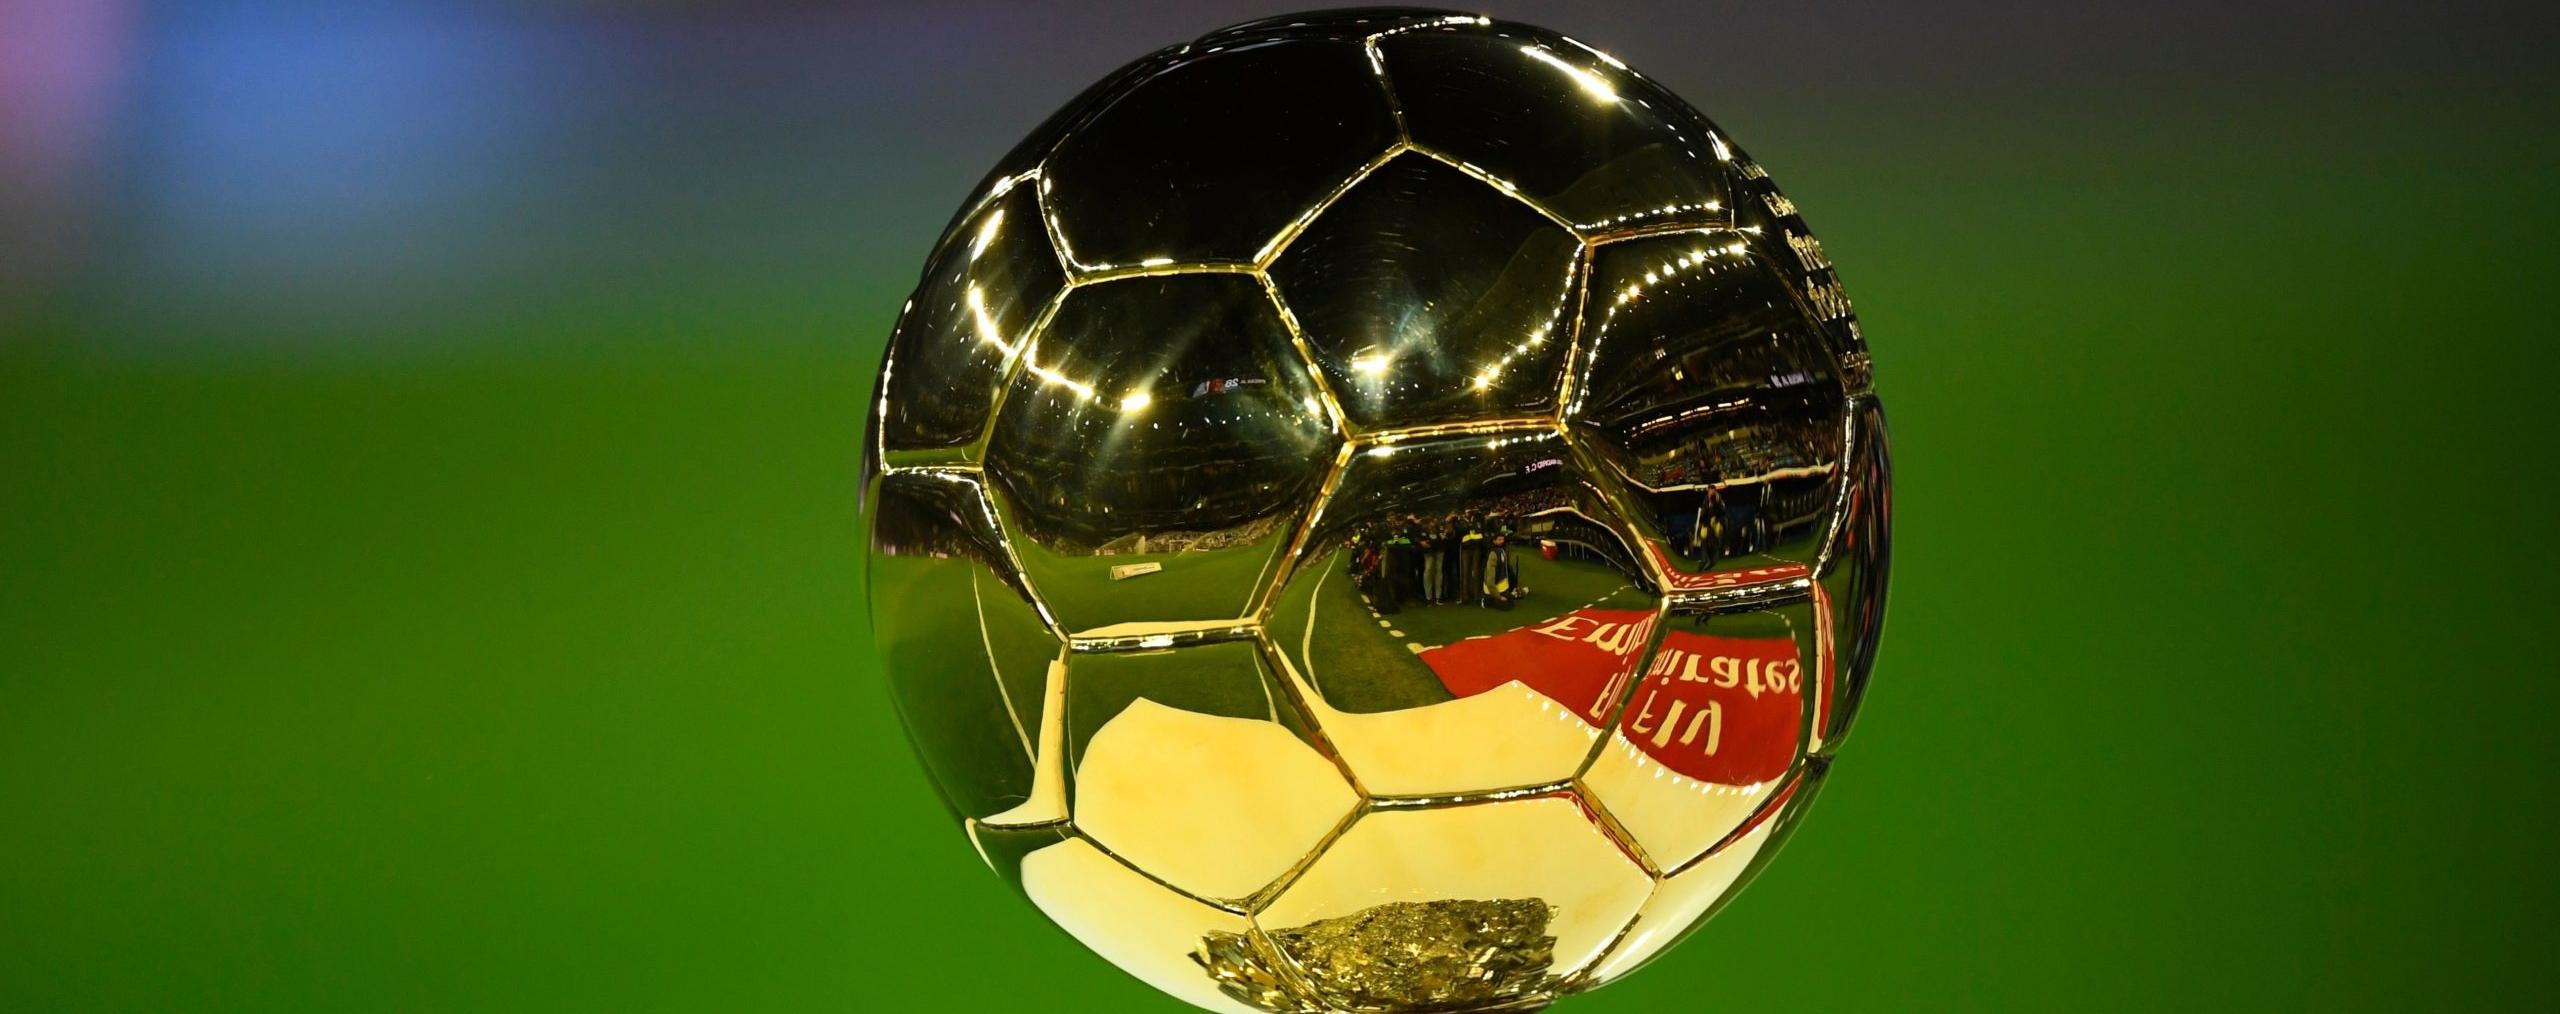 Il Pallone d'Oro 2019 tra storia, numeri, quote, voci, record e polemiche